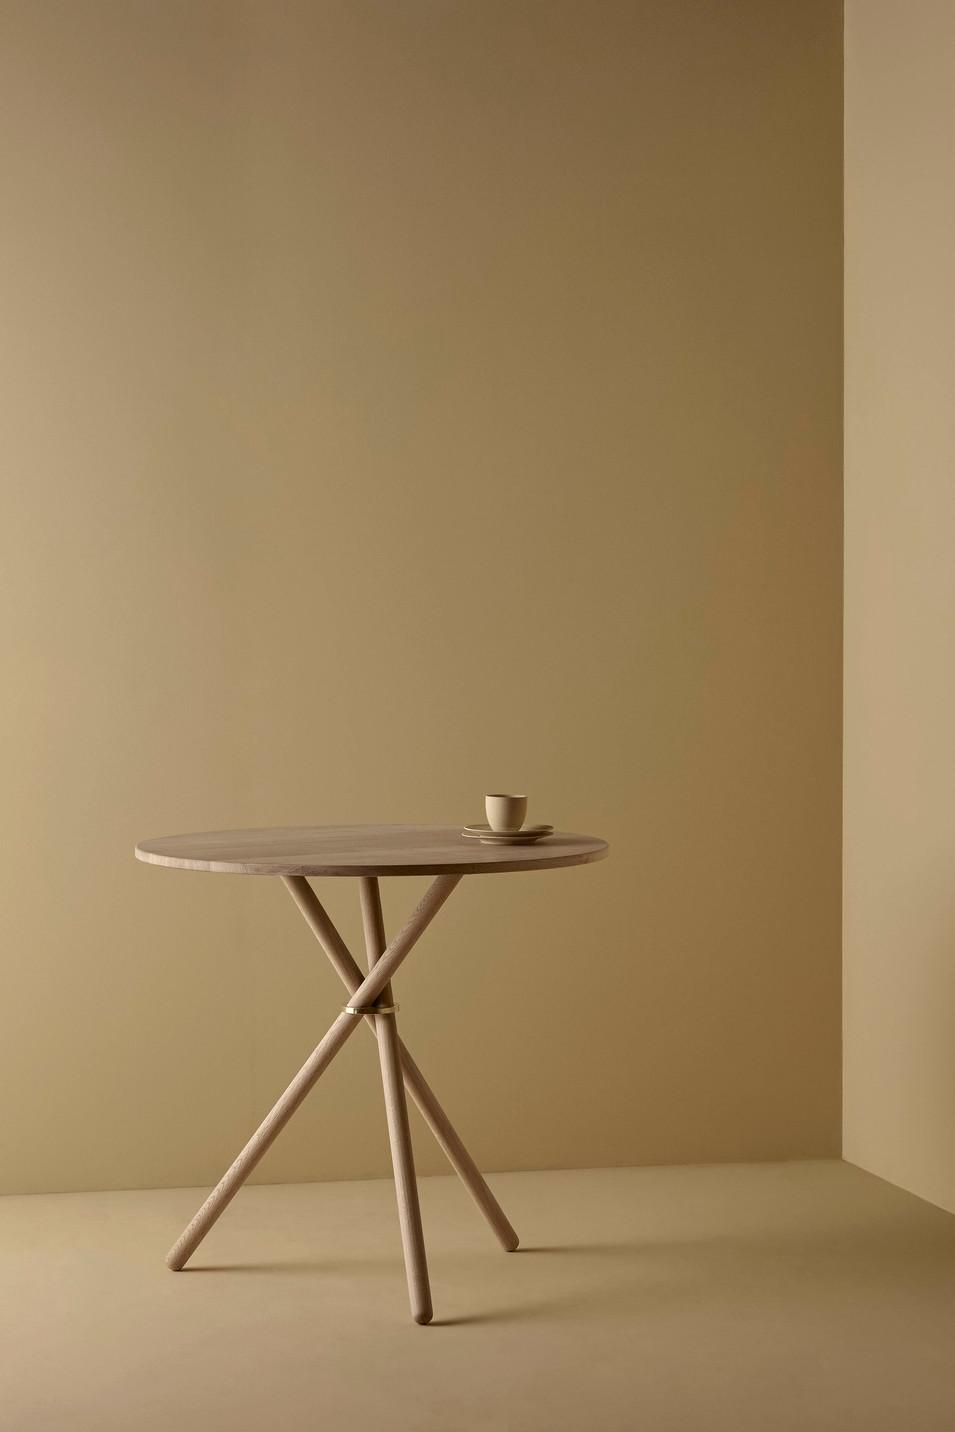 Café table in Oak